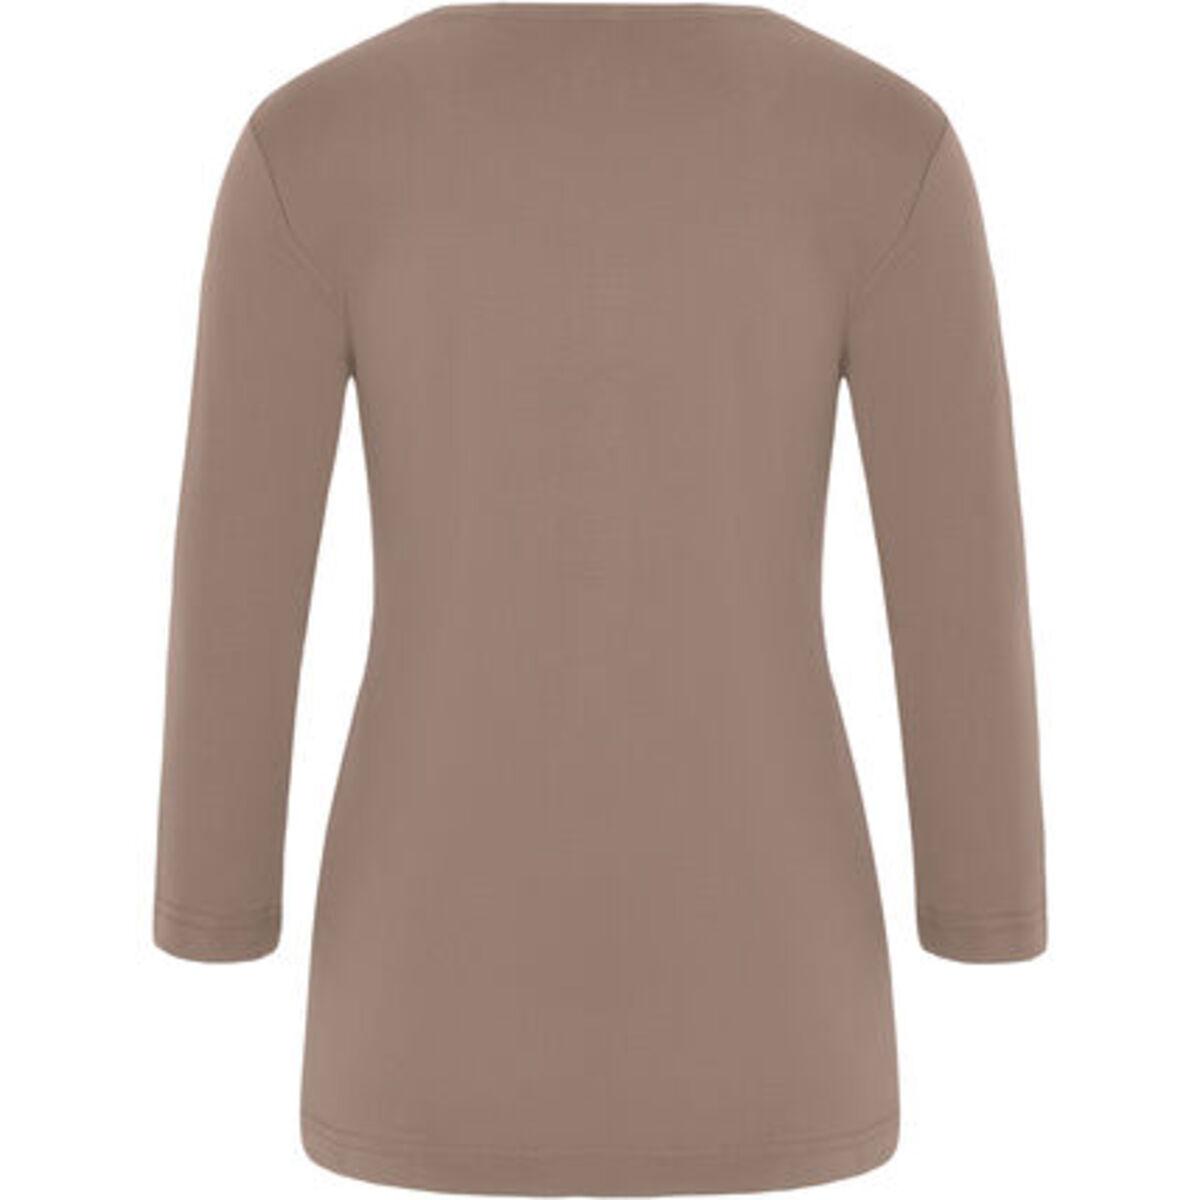 """Bild 2 von Adagio T-Shirt """"Angie"""", 3/4 Ärmel, Strass, Pima Cotton, für Damen"""